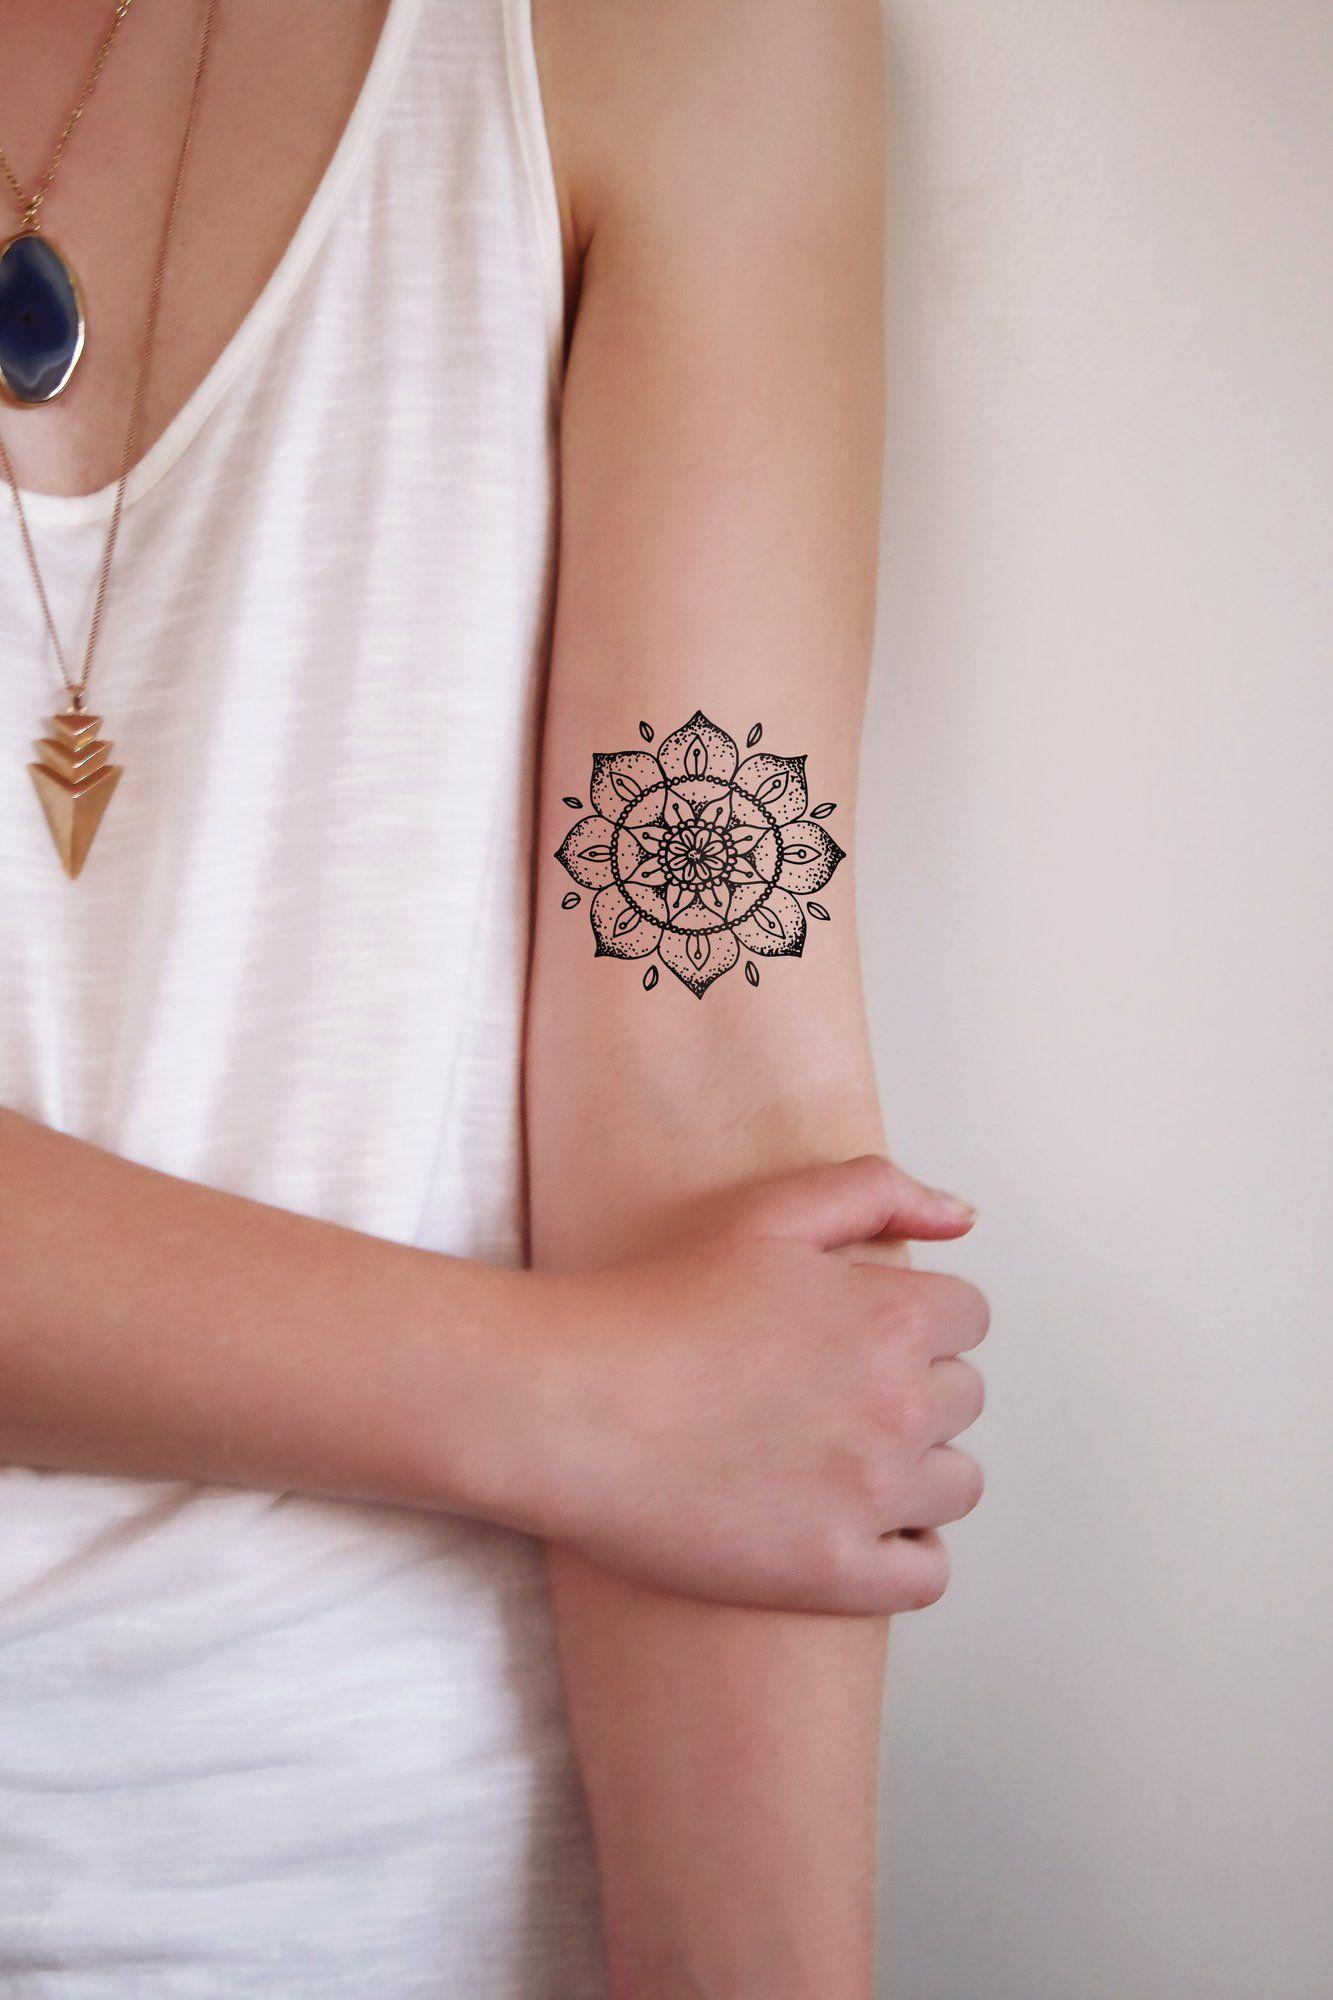 tatuaje en el brazo de una chica TATUAJES Pinterest Tatuaje en